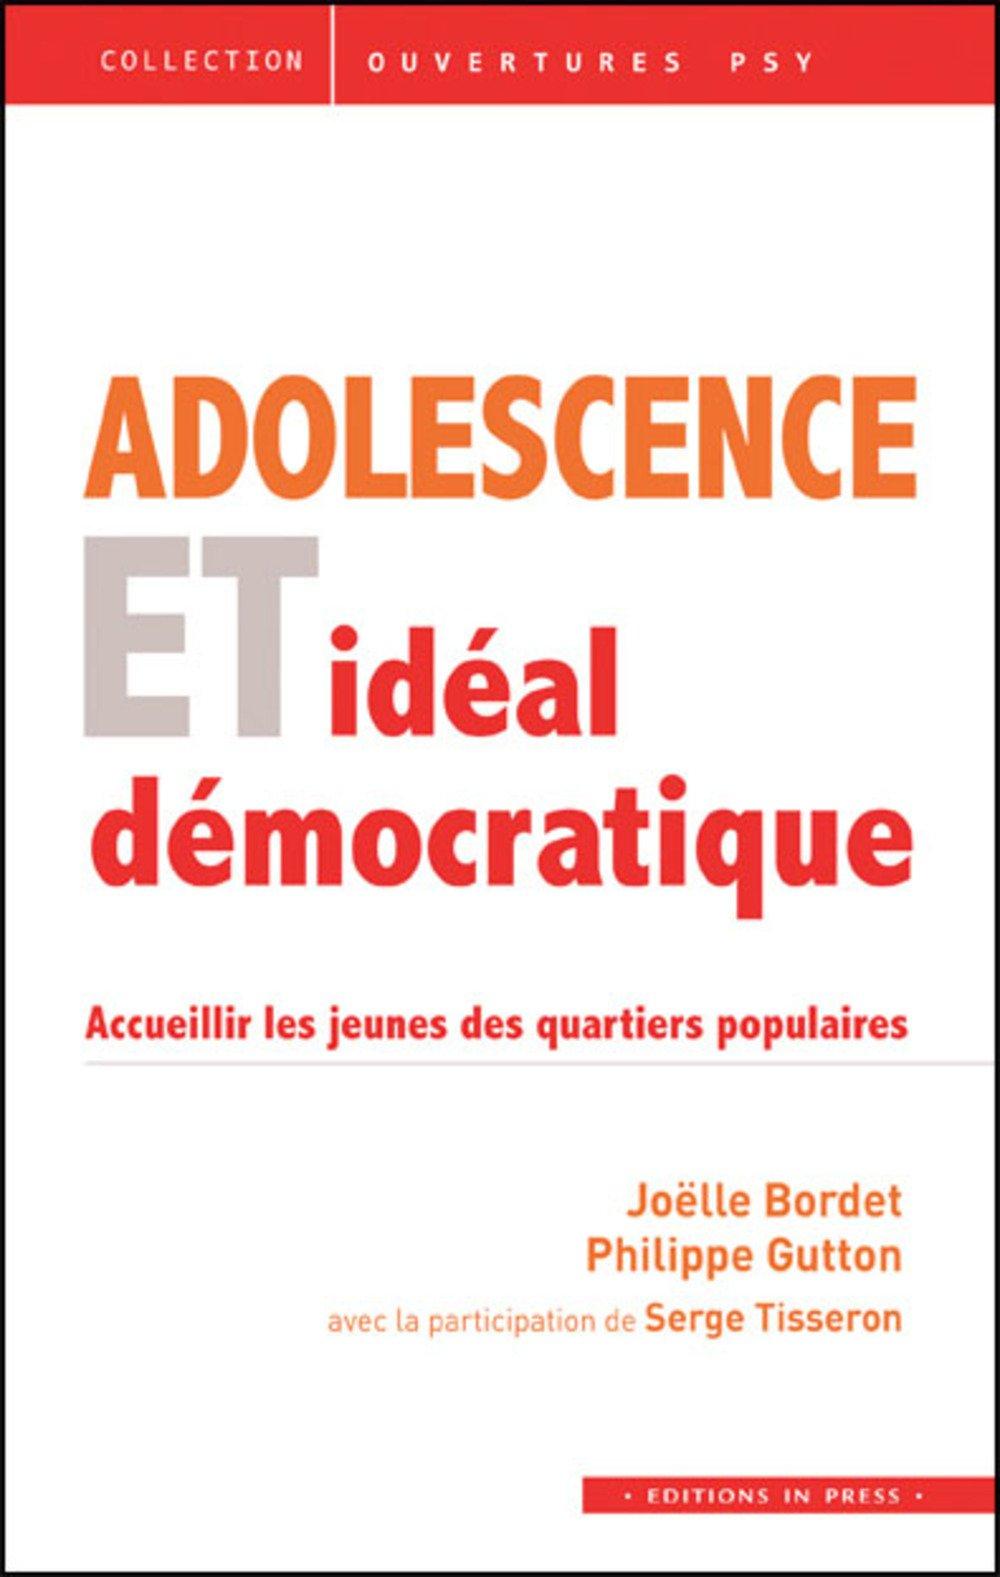 Adolescence et inspiration démocratique : accueillir les jeunes des quartiers populaires: Joëlle Bordet, Philippe Gutton, Serge Tisseron: 9782848353036: ...